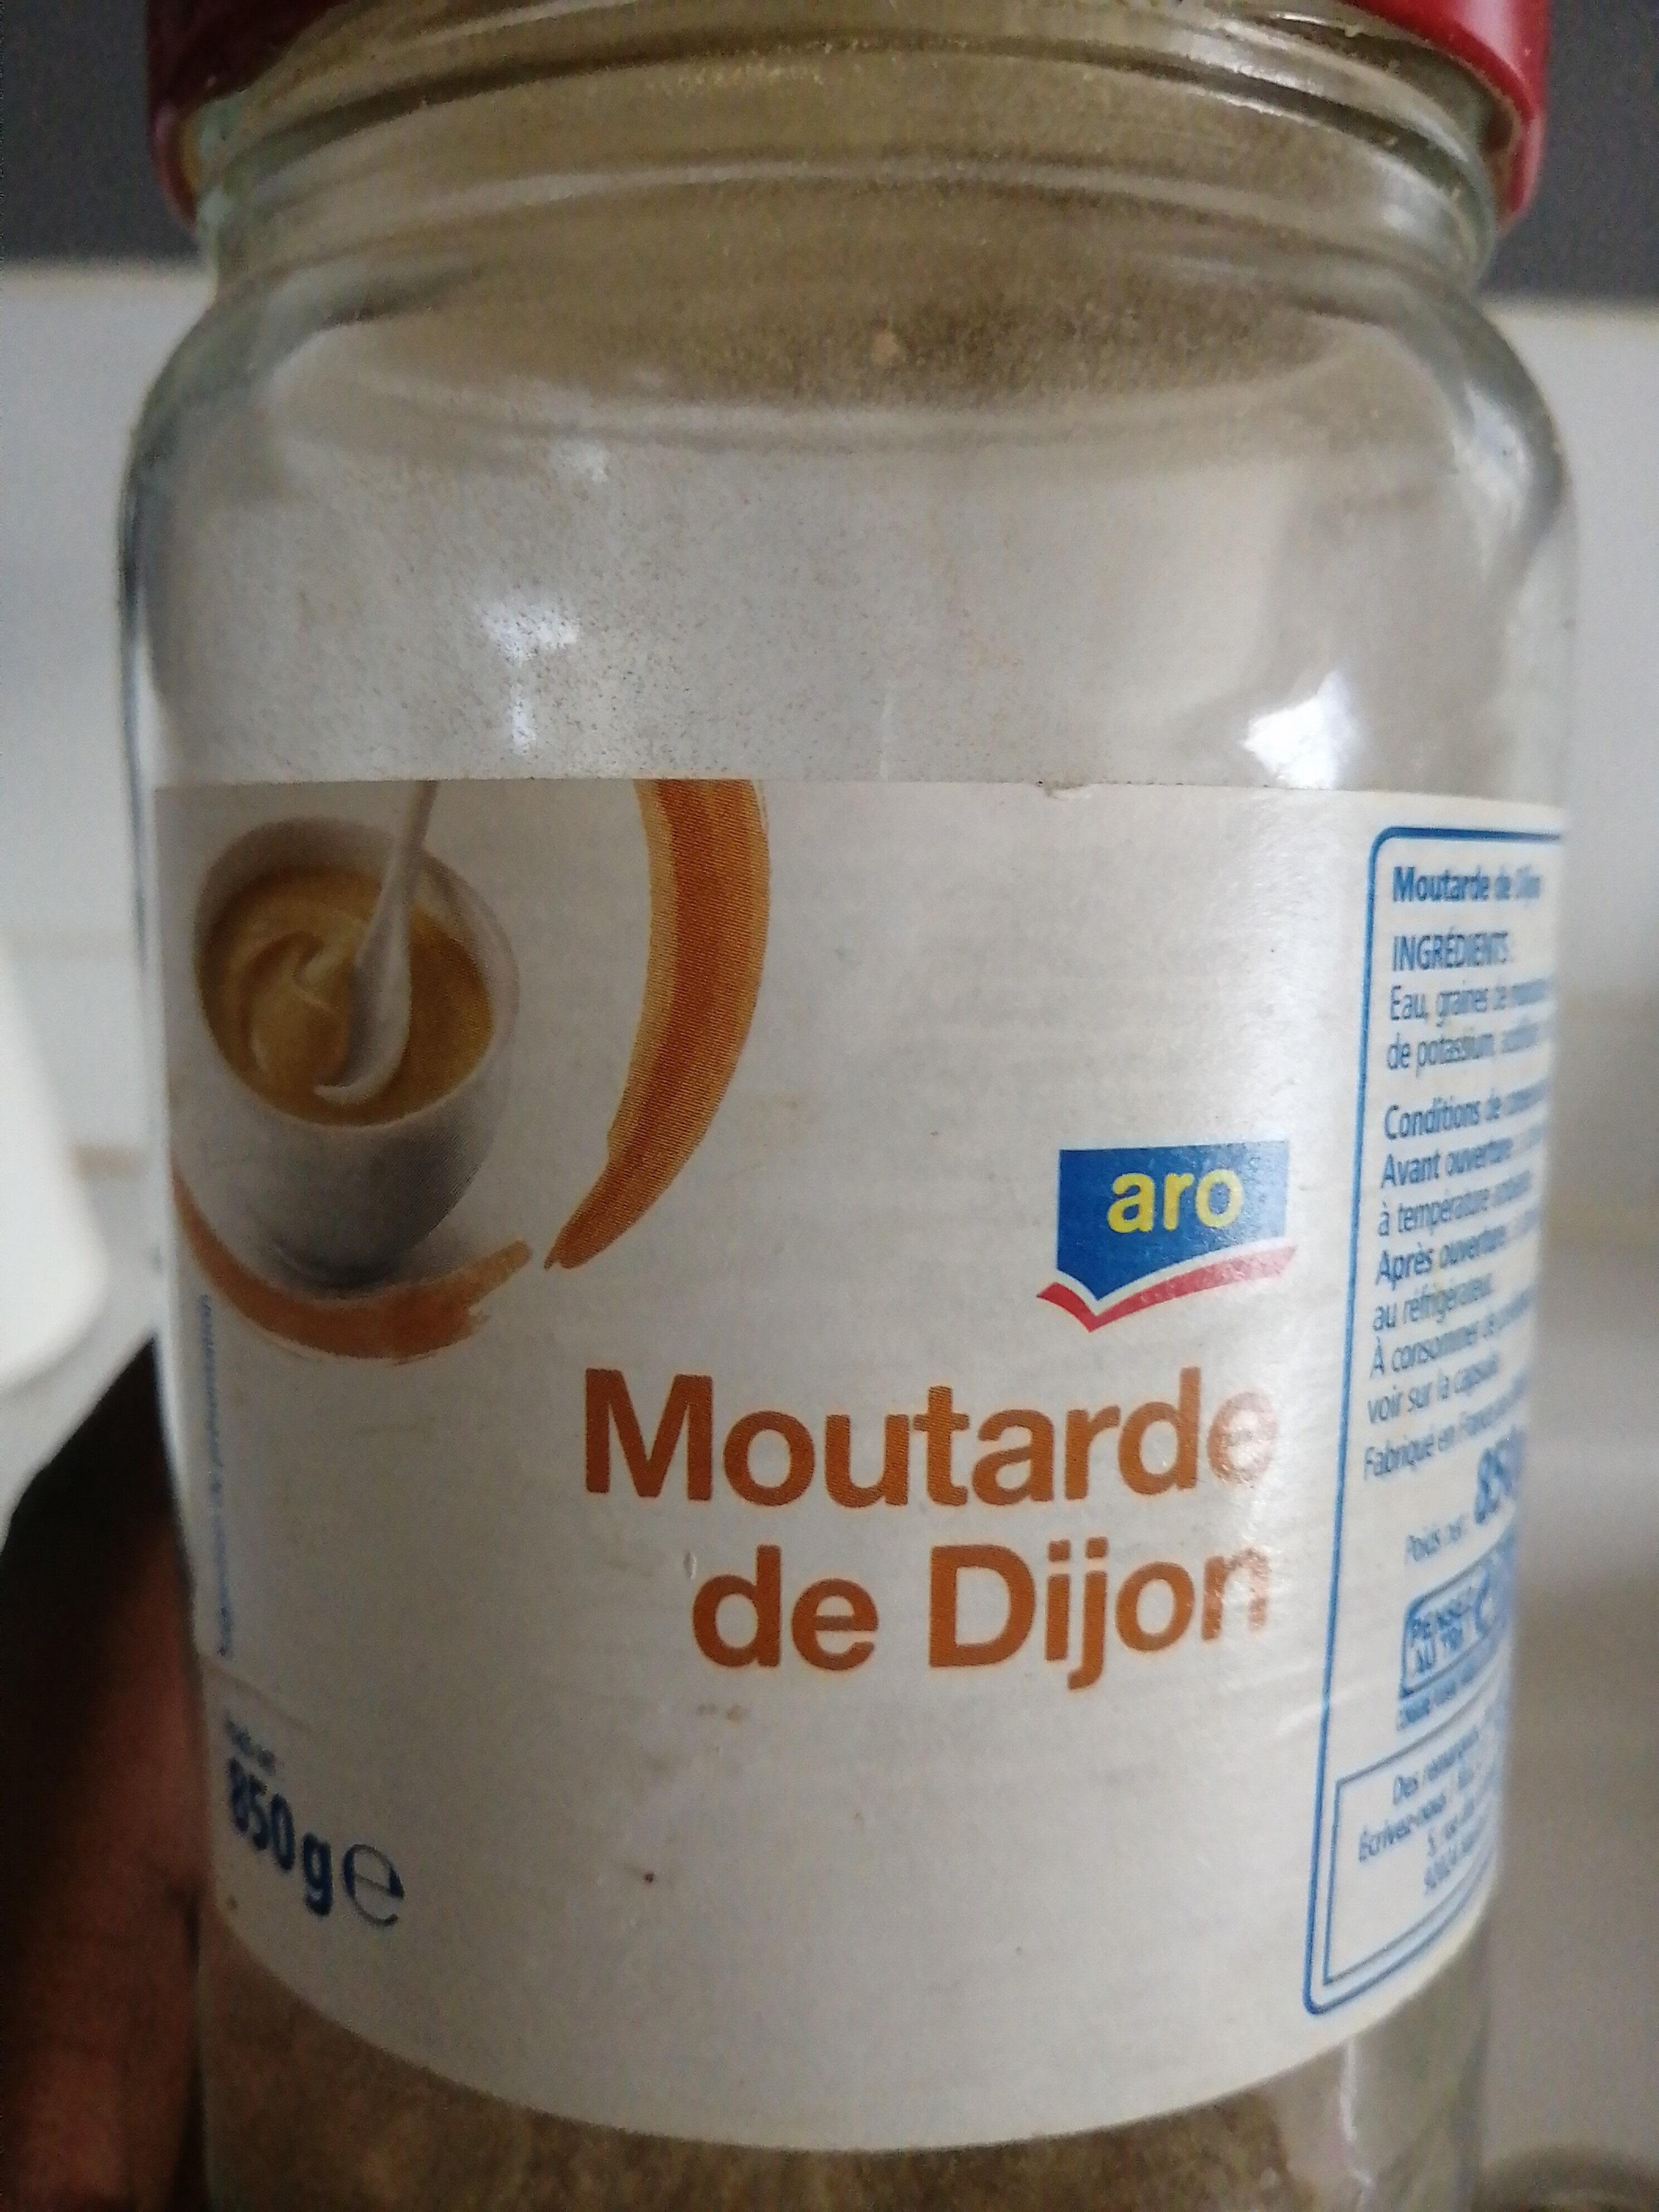 Moutarde De Dijon 850 g - Produit - fr